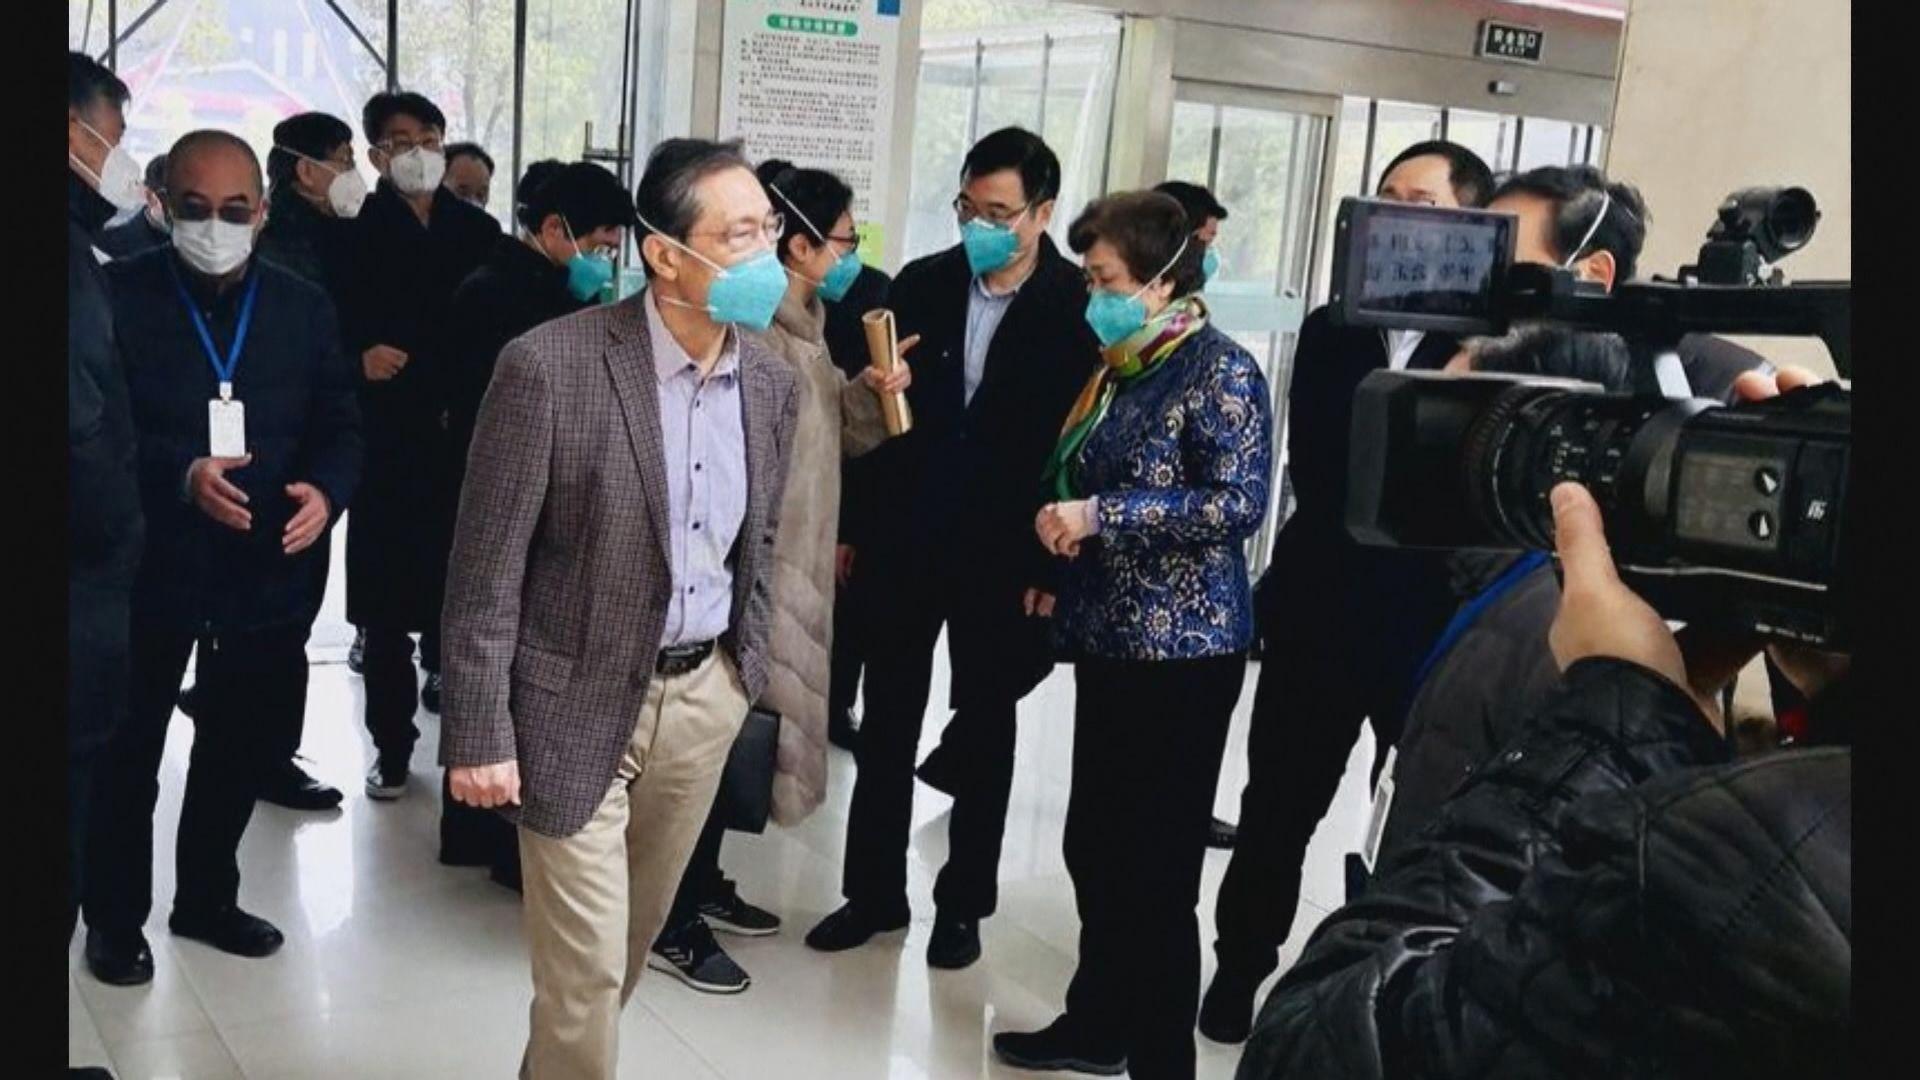 鍾南山:疫情爆發初期武漢官方曾隱瞞關鍵細節